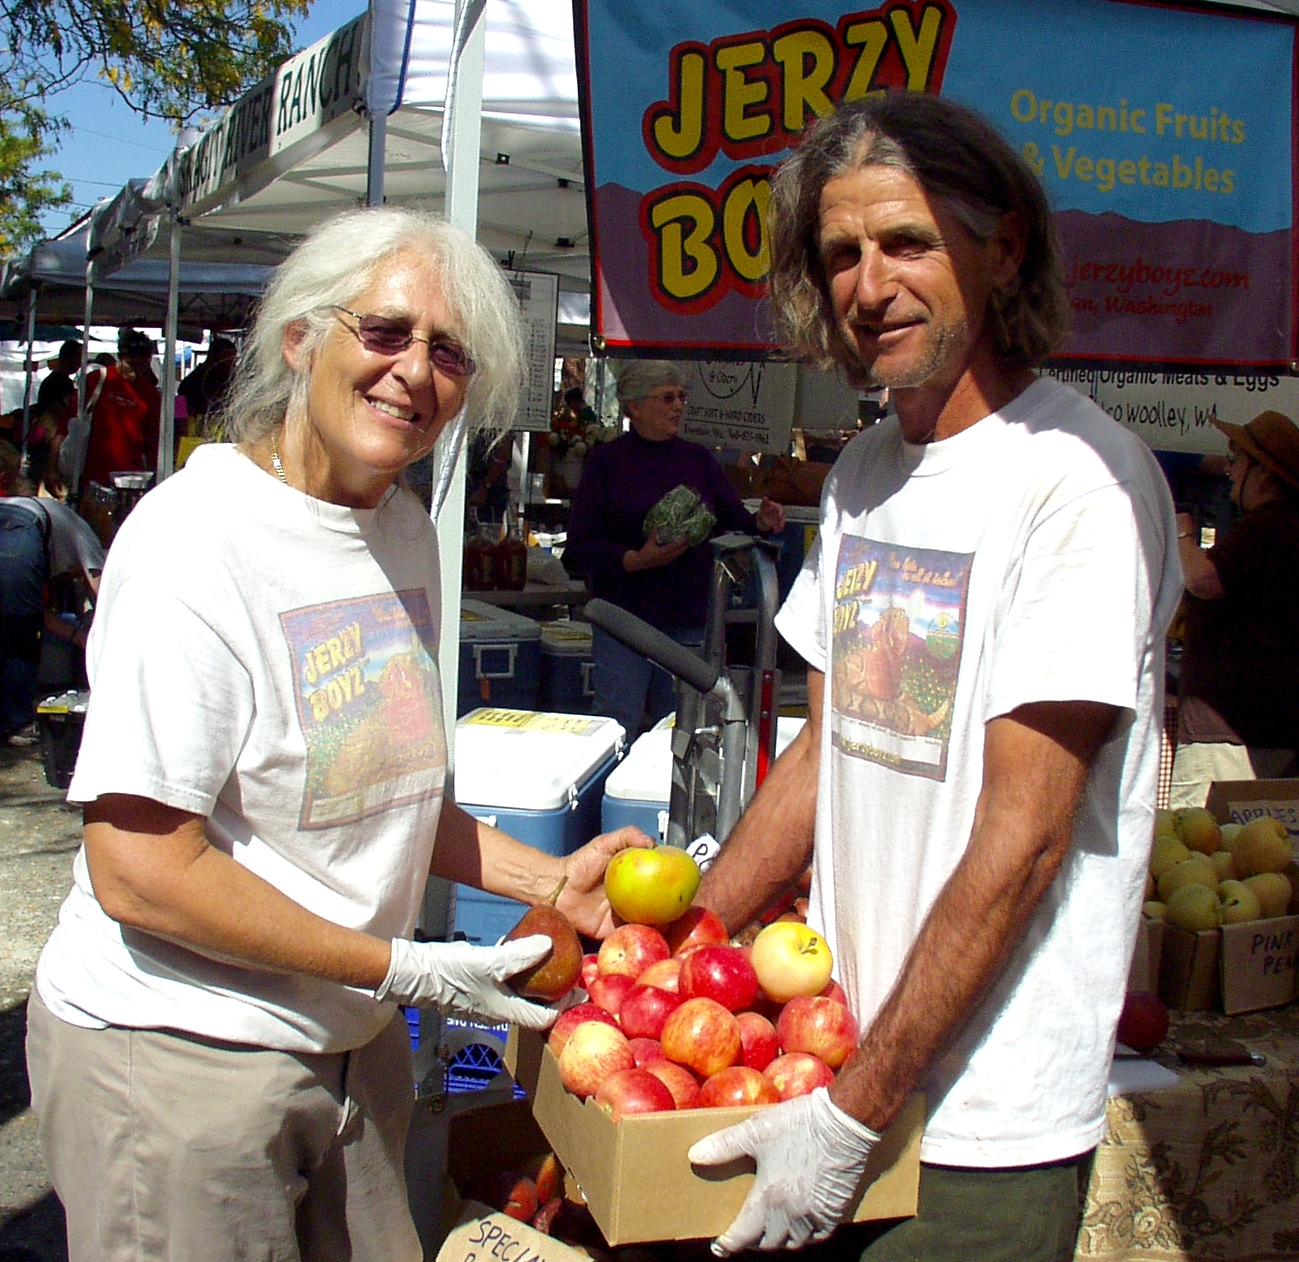 Wynne Weinreb and Scott Beaton of Jerzy Boyz Farm. Photo copyright 2009 by Zachary D. Lyons.